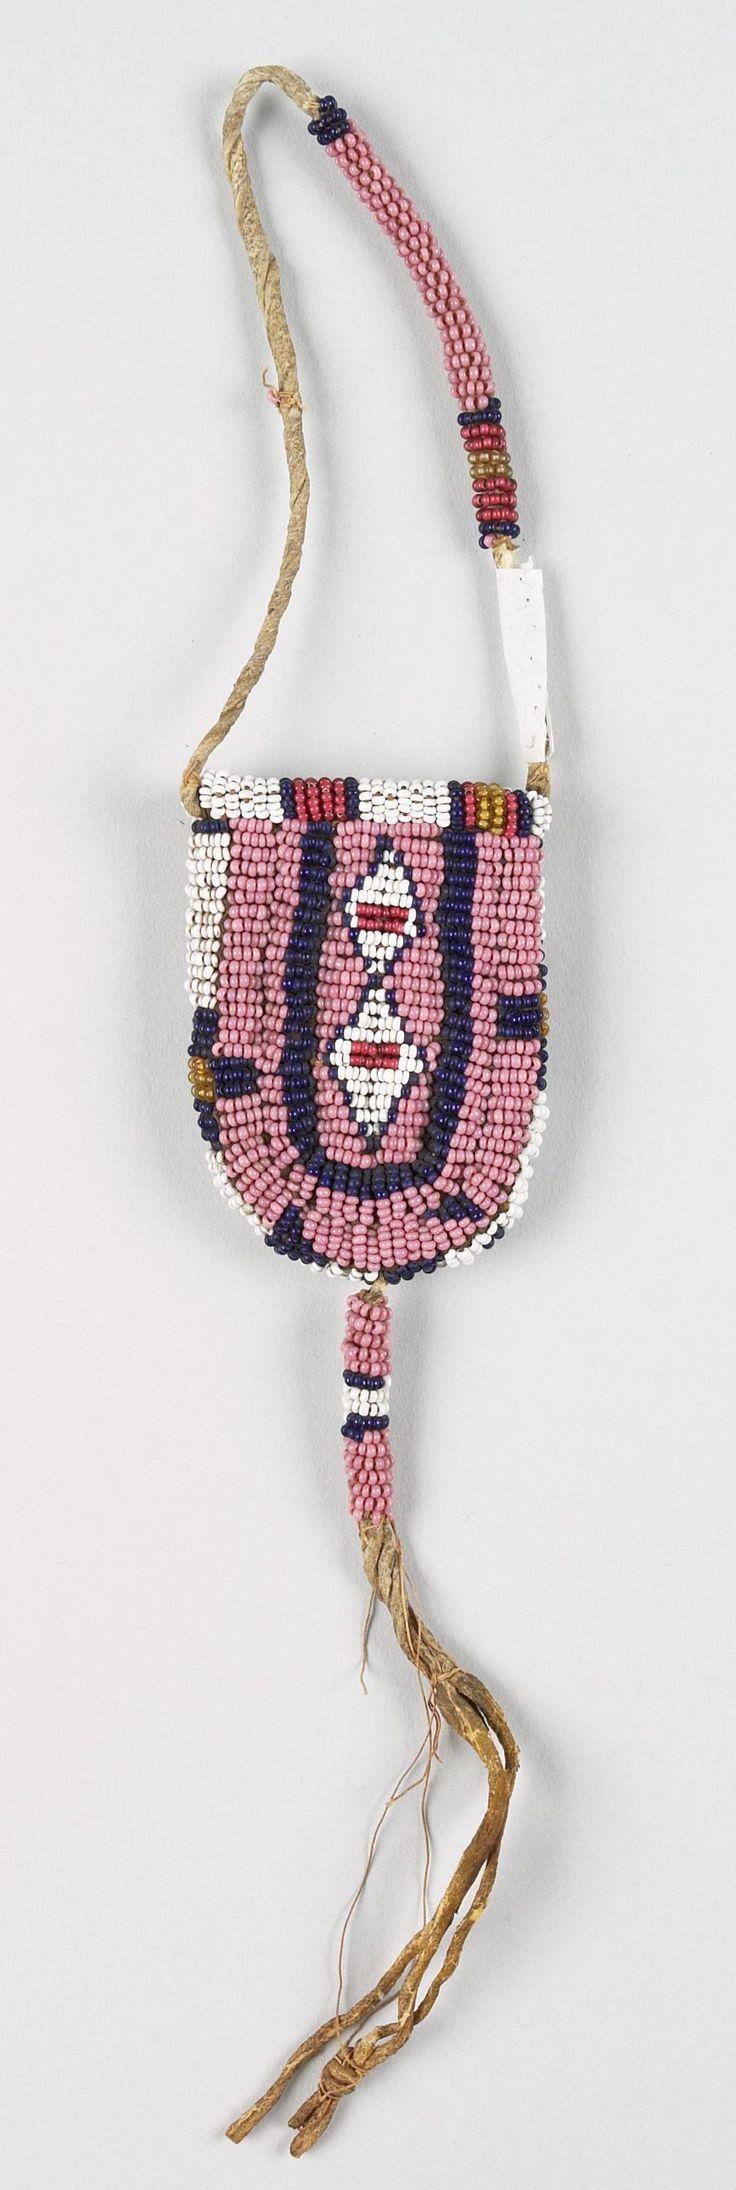 Сумочка Сиу, 19 век. Принадлежала Сидящему  Быку (?)